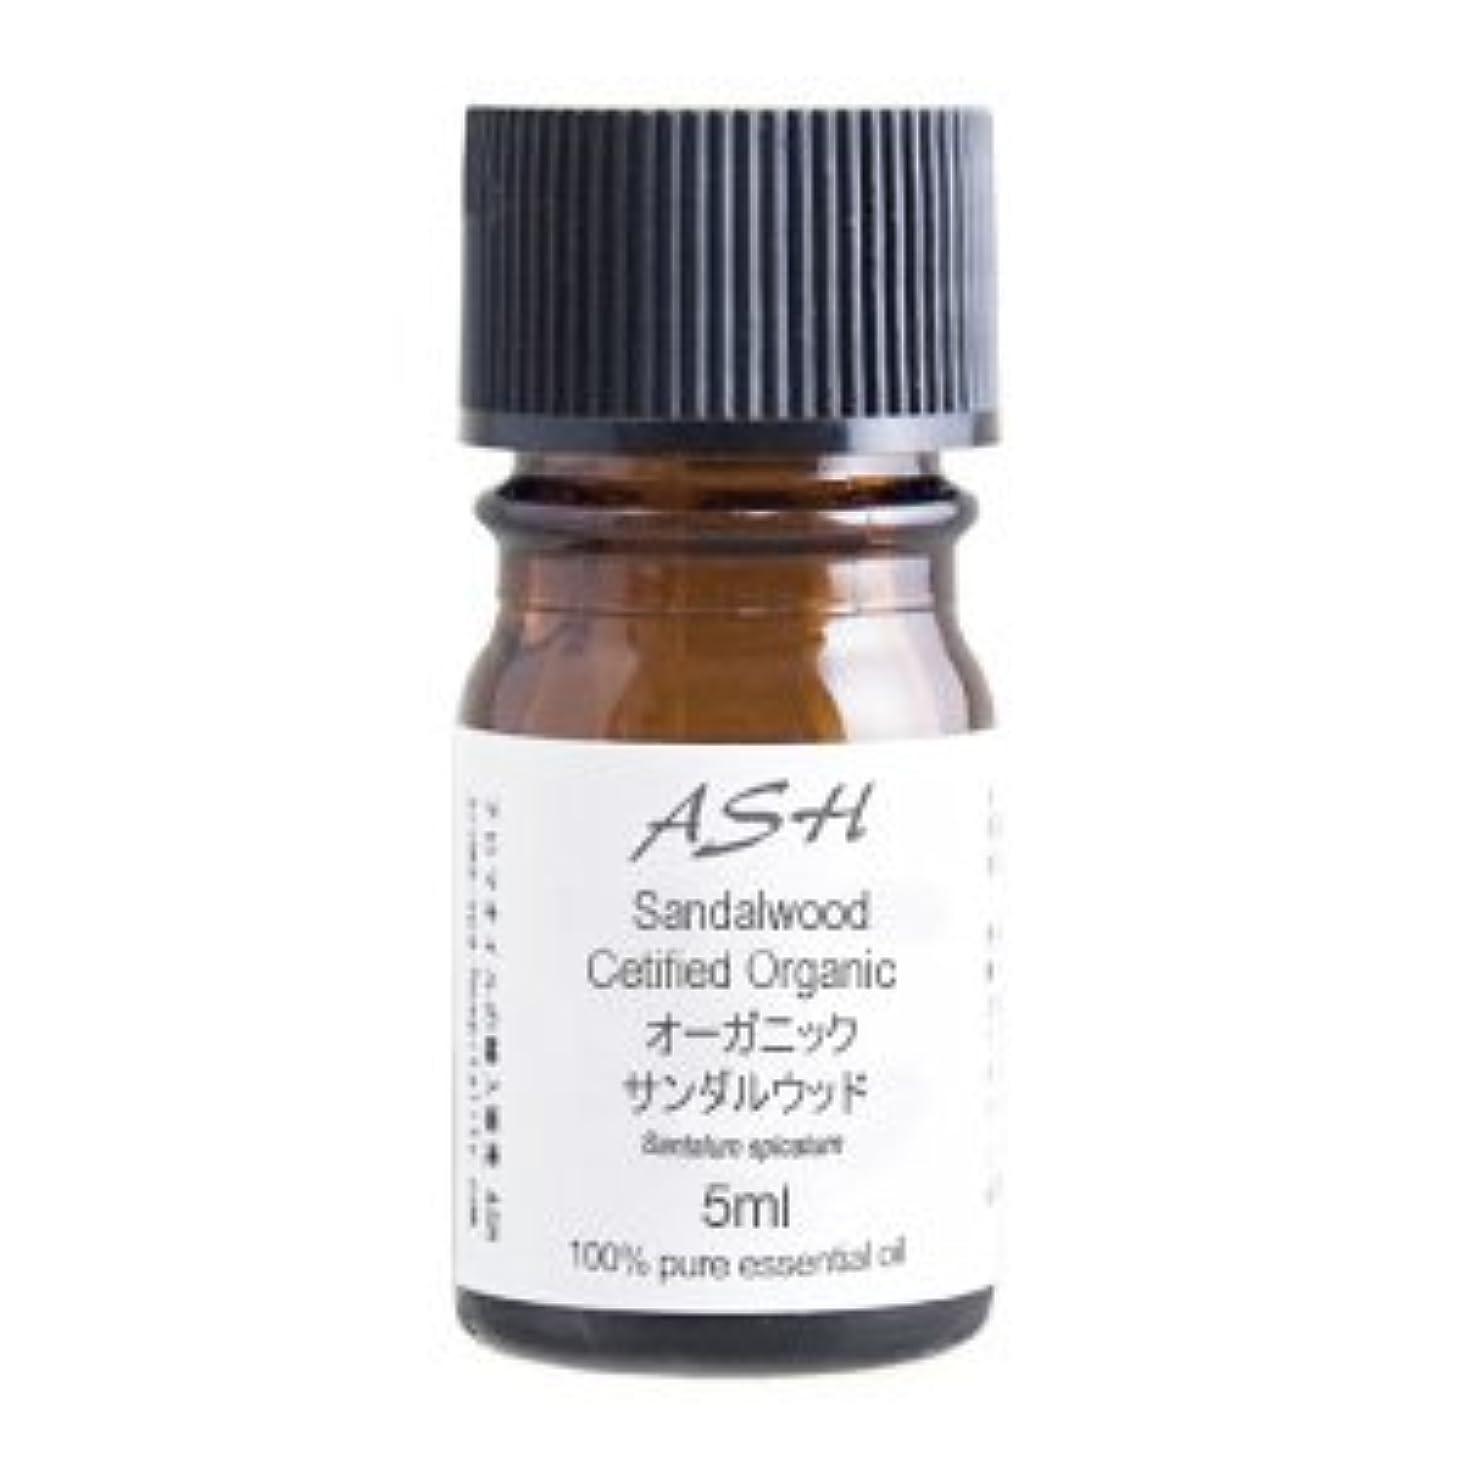 指令頻繁にウェイトレスASH オーガニック サンダルウッド エッセンシャルオイル 5ml AEAJ表示基準適合認定精油